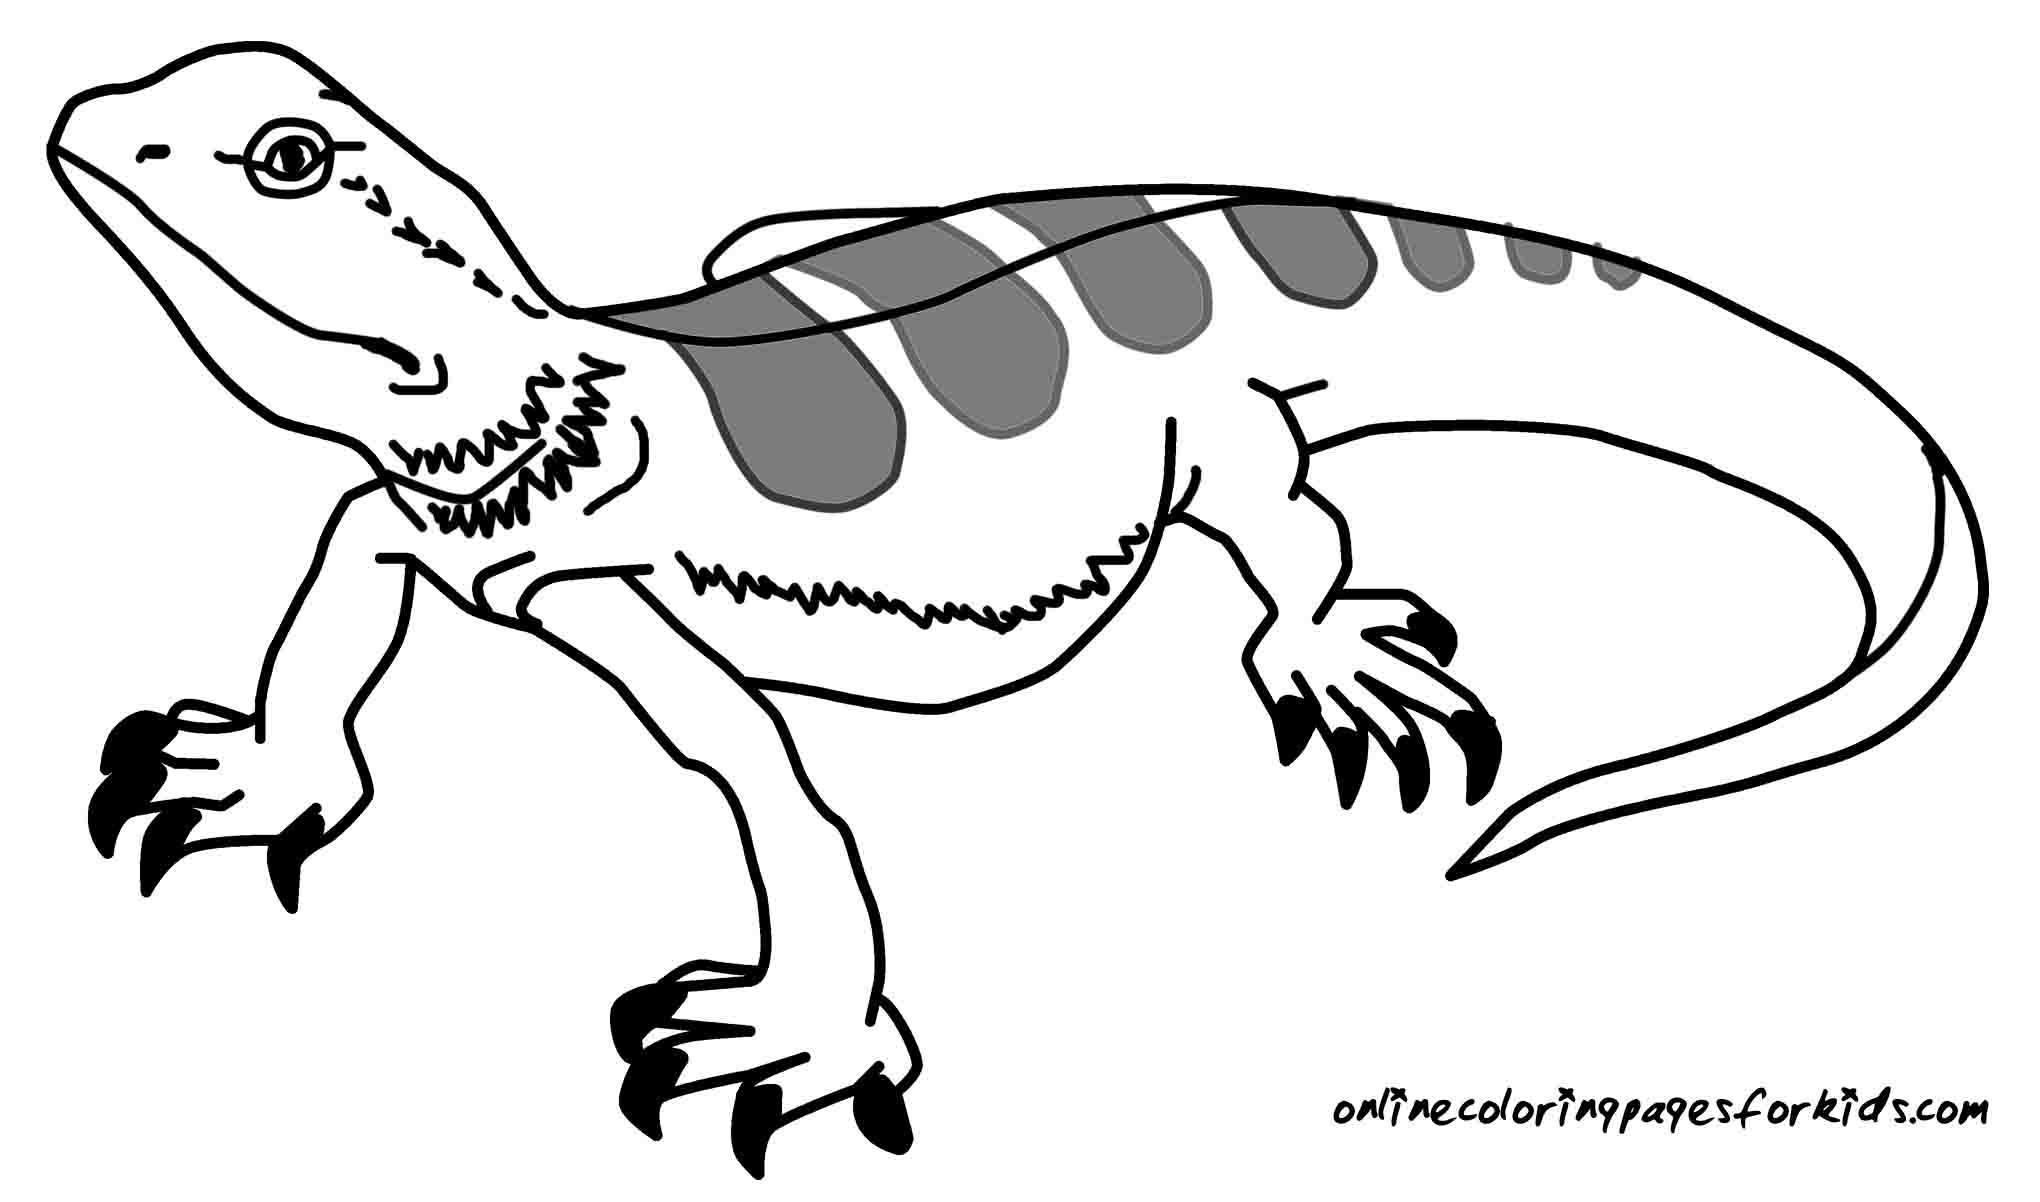 Reptile Drawing At Getdrawings